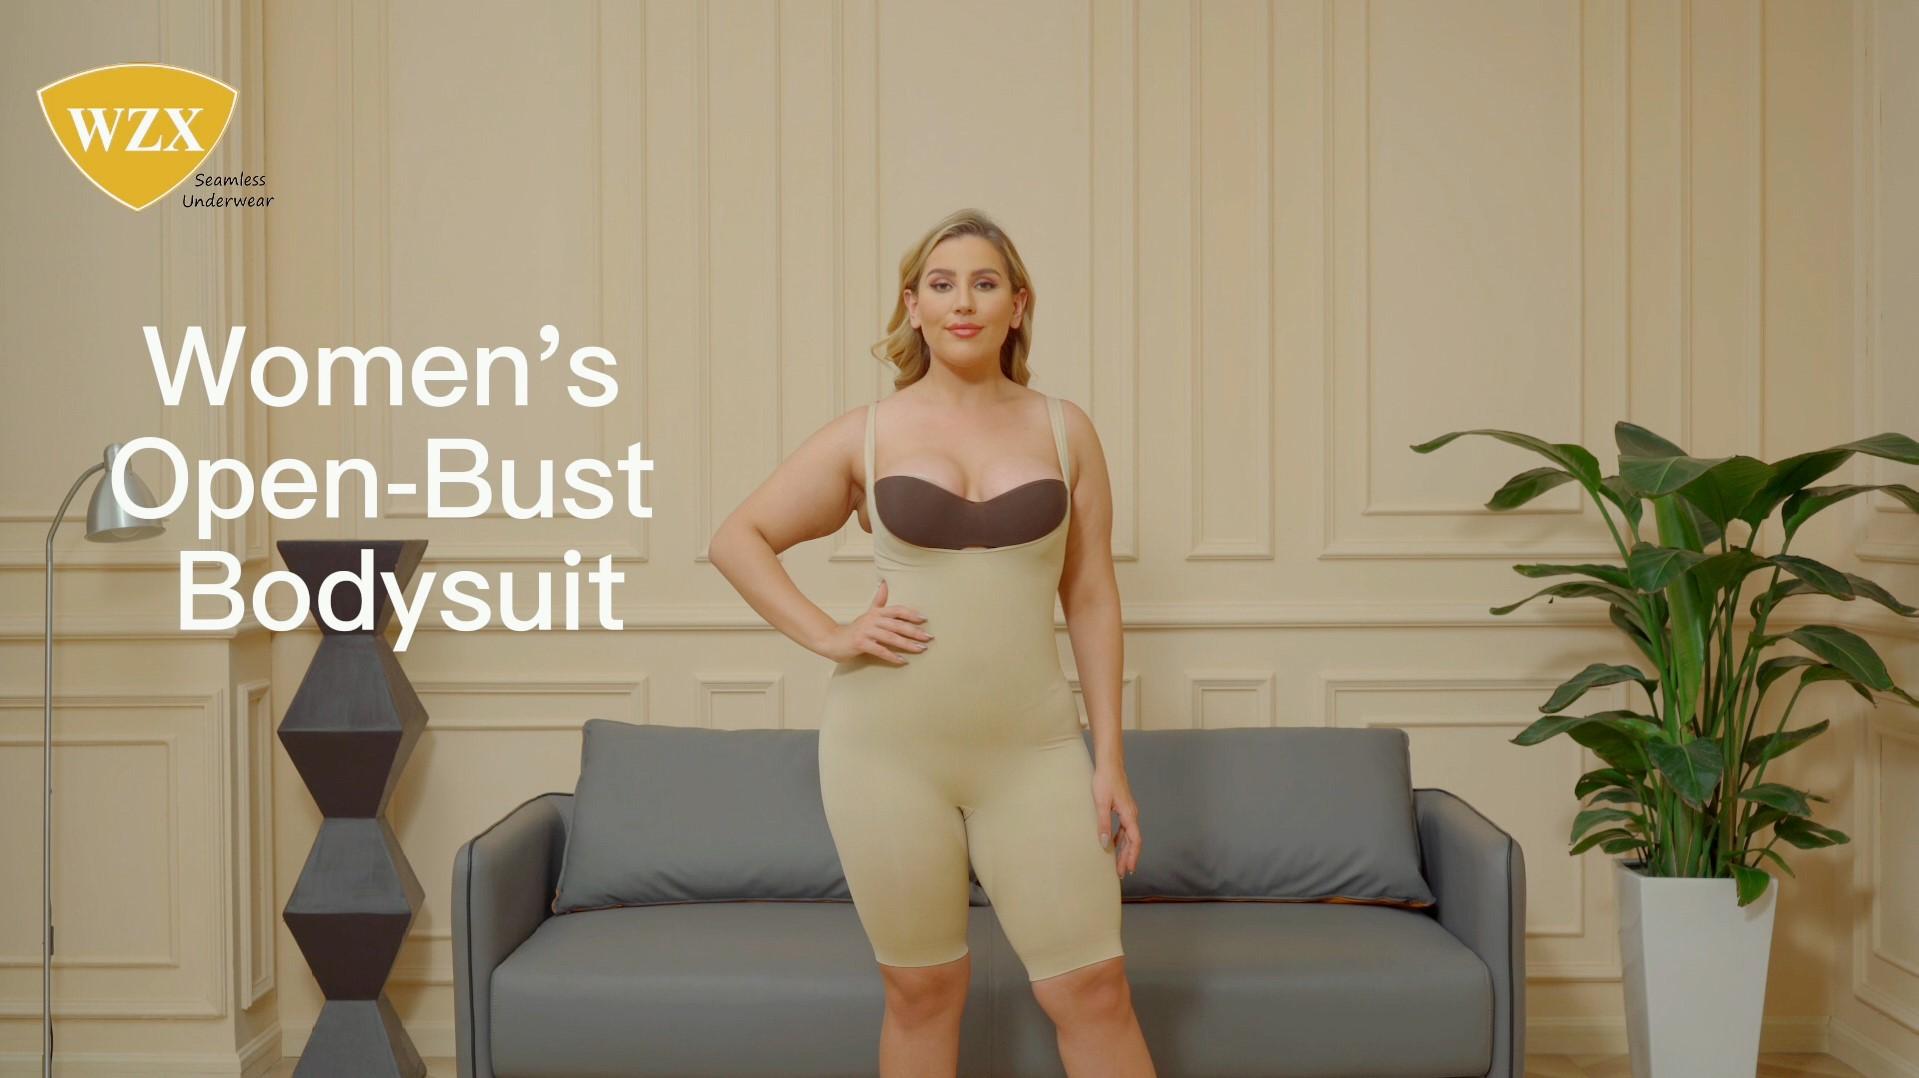 WZX bodysuit oop bors middellyf beheer liggaam shaper odm oem